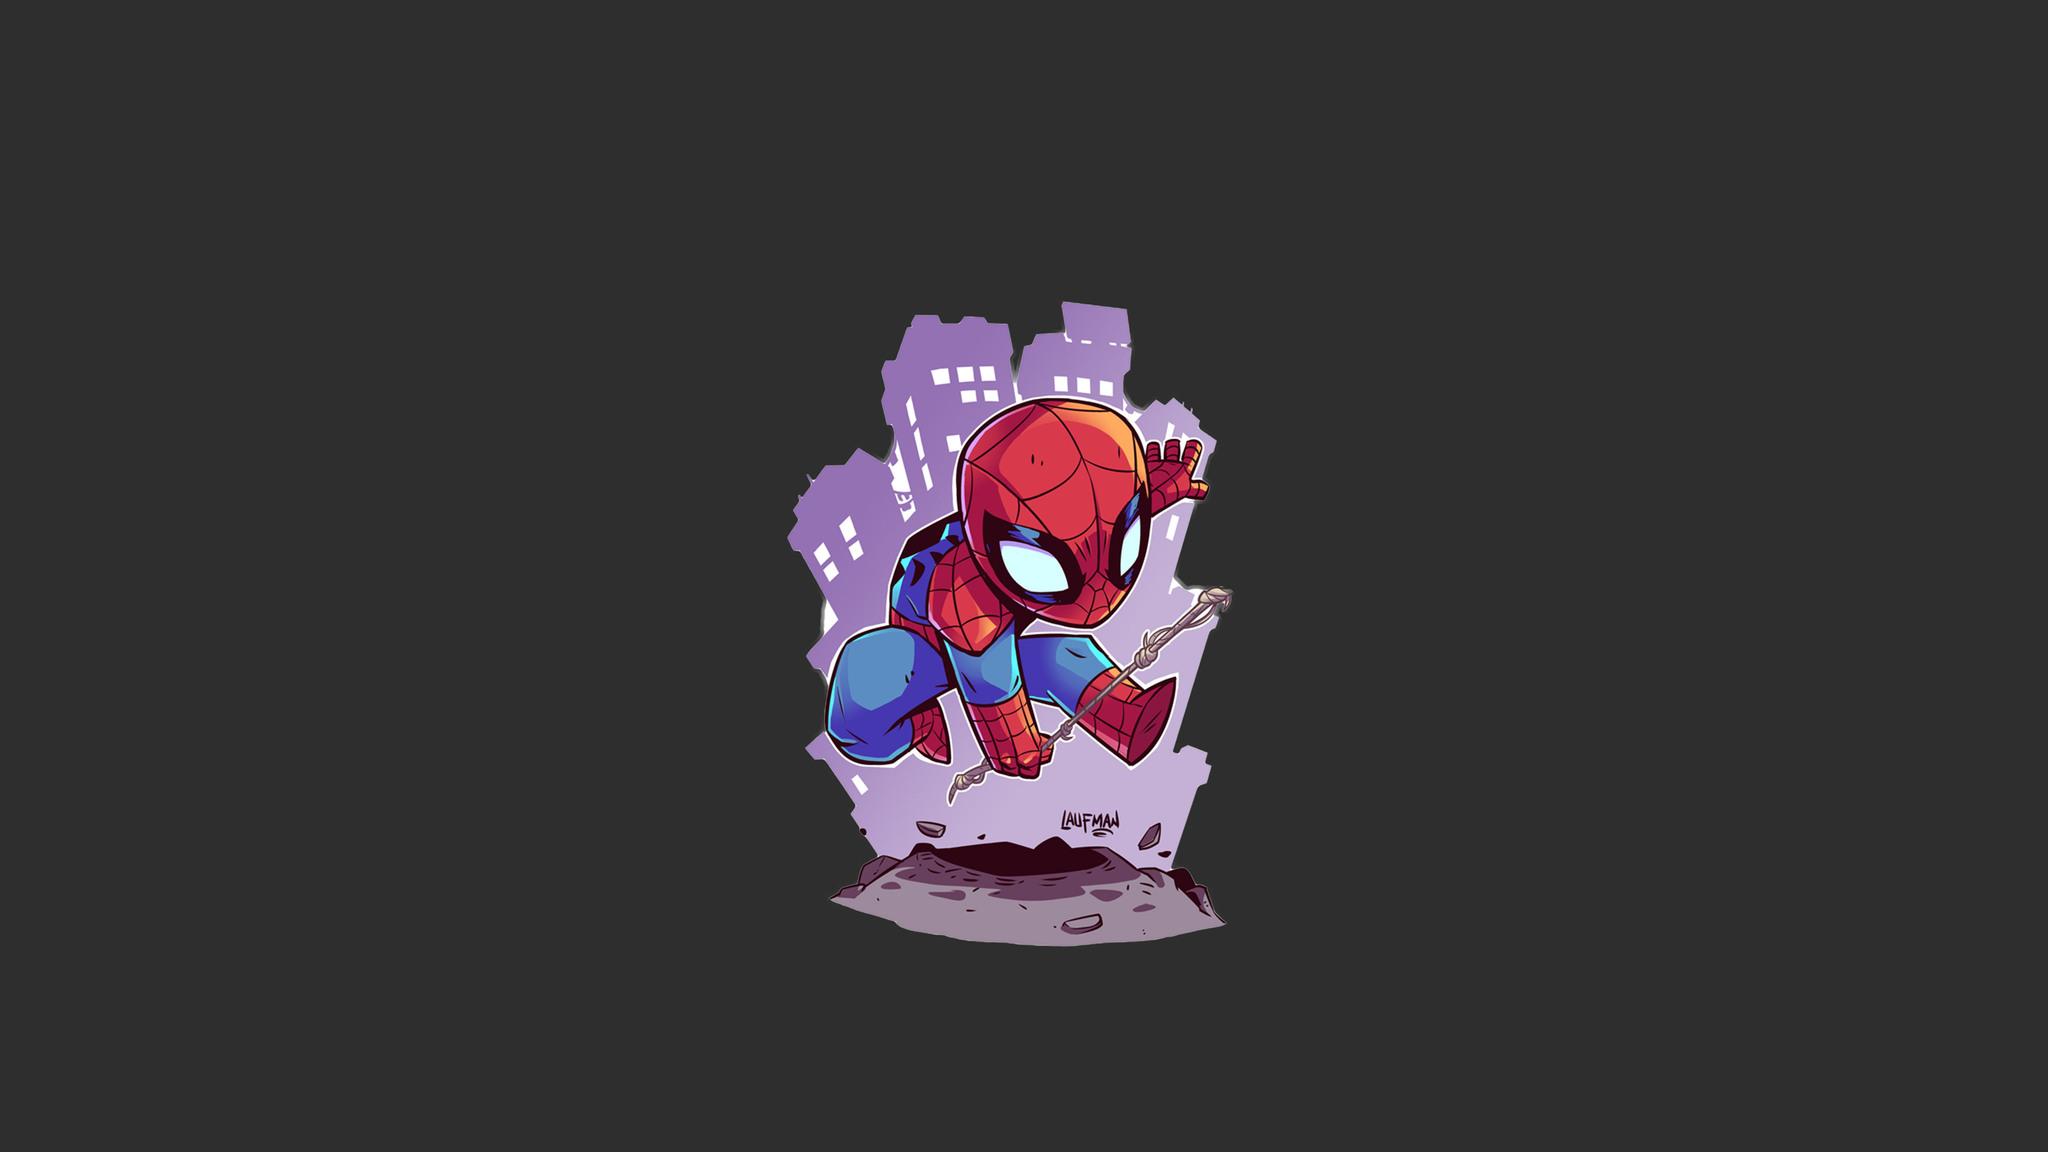 Cute Wallpapers  2048x1152 Spiderman Minimalism 2048x1152 Resolution Hd 4k